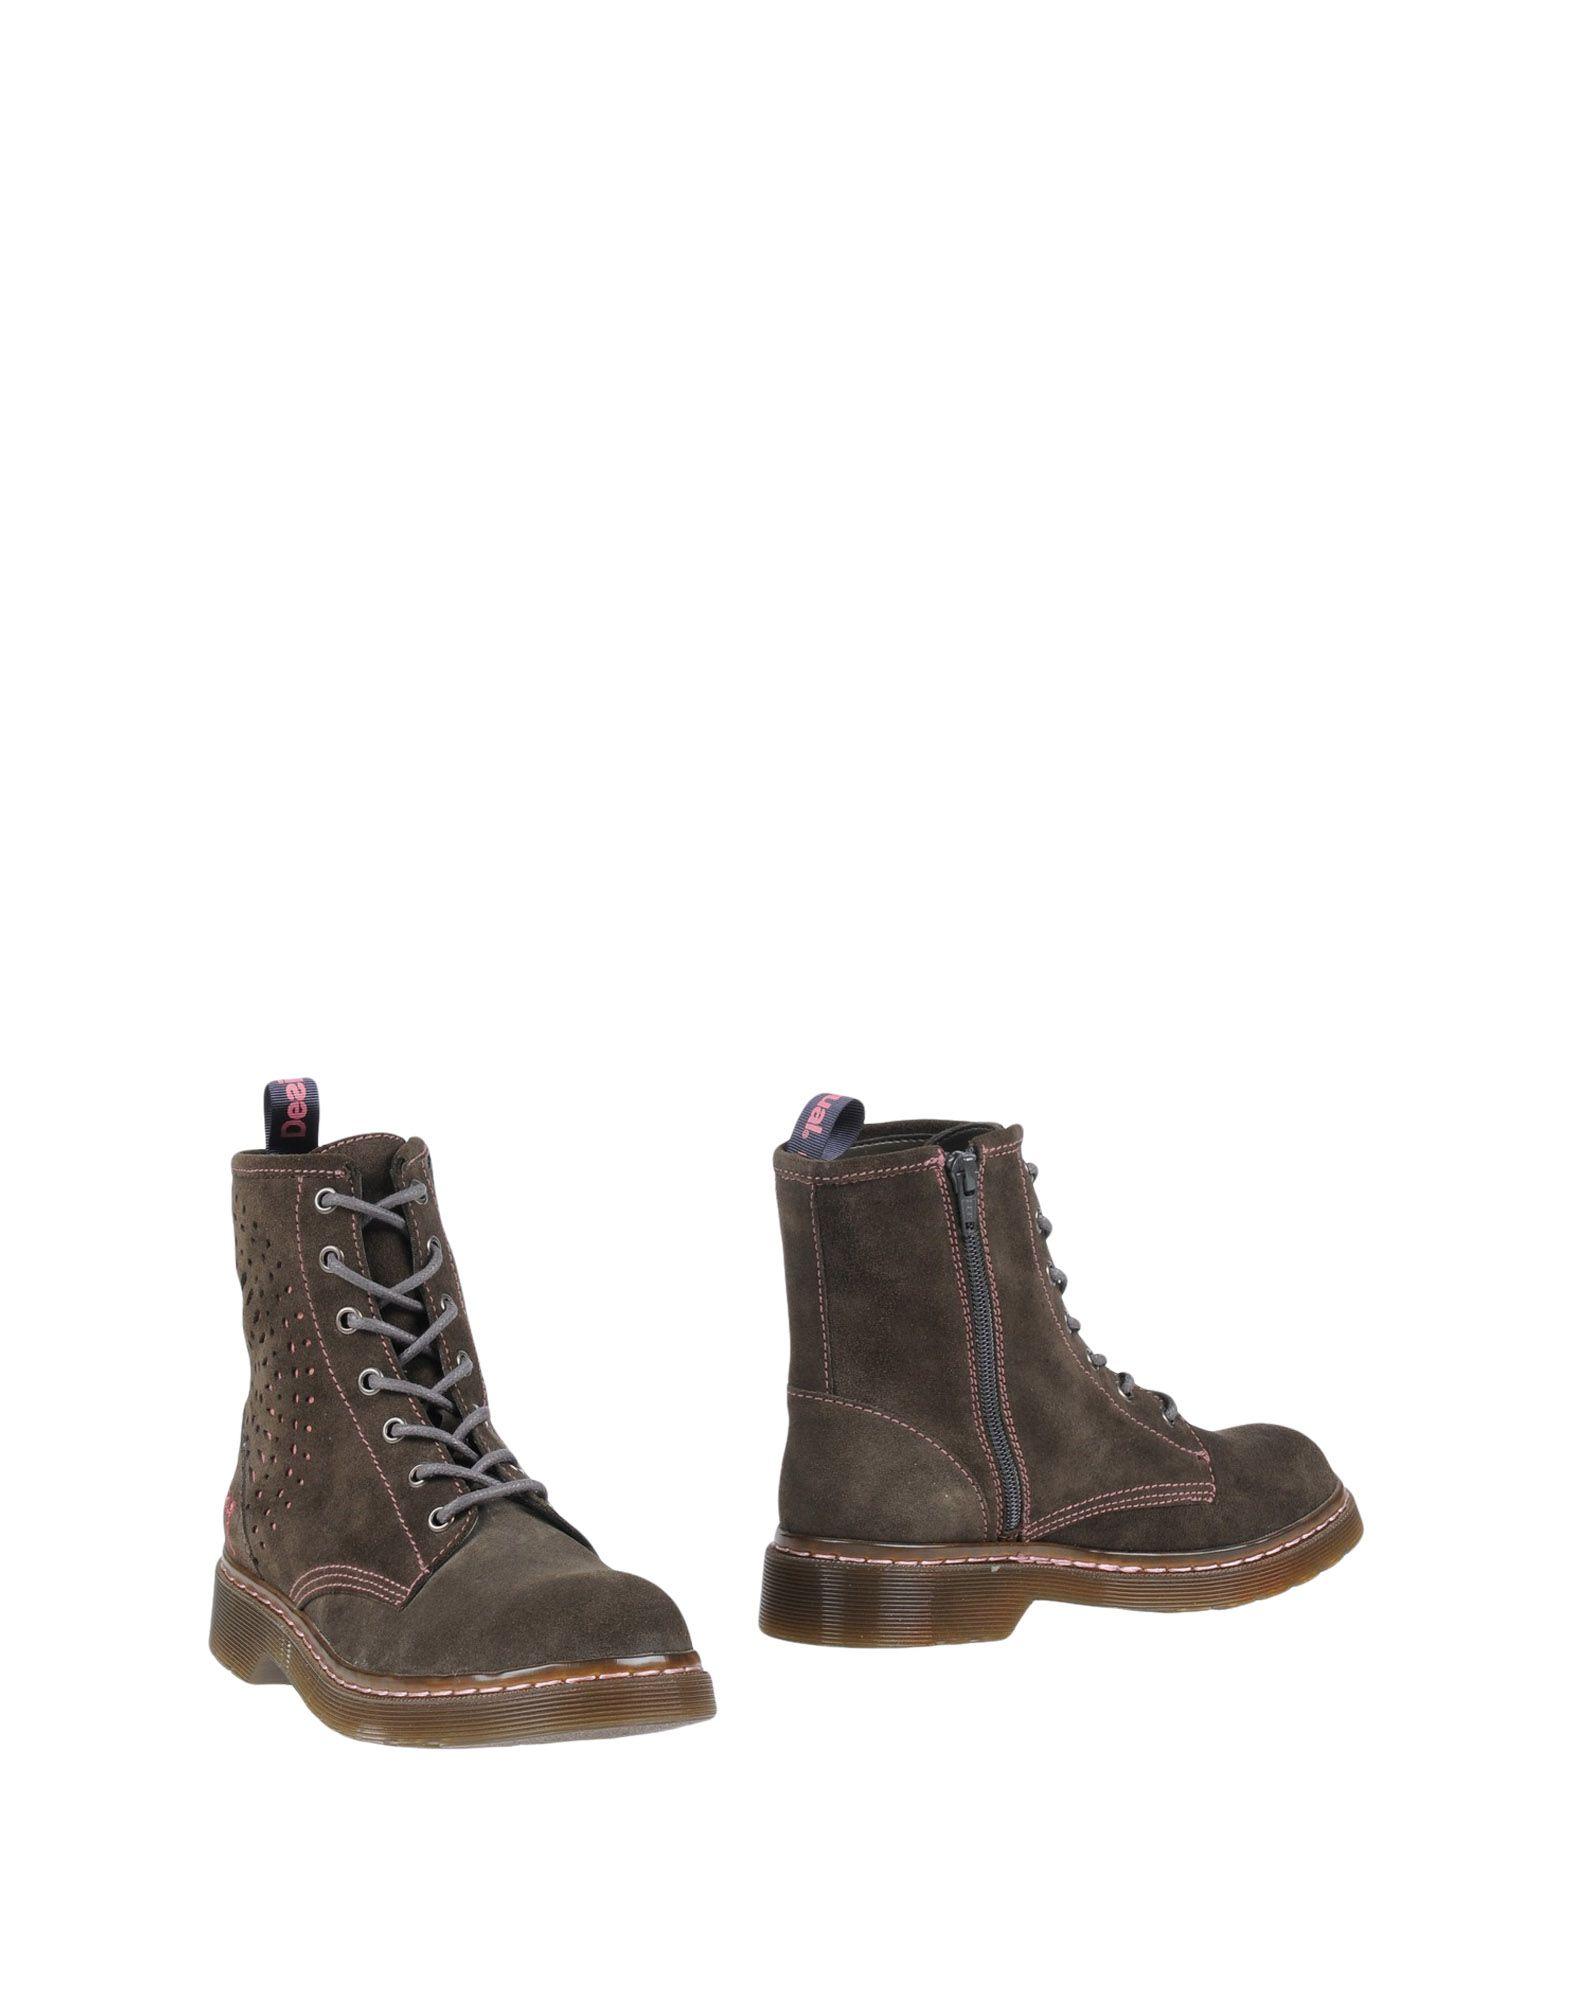 Haltbare Mode billige Schuhe Desigual Stiefelette Damen  11017981GU Heiße Schuhe